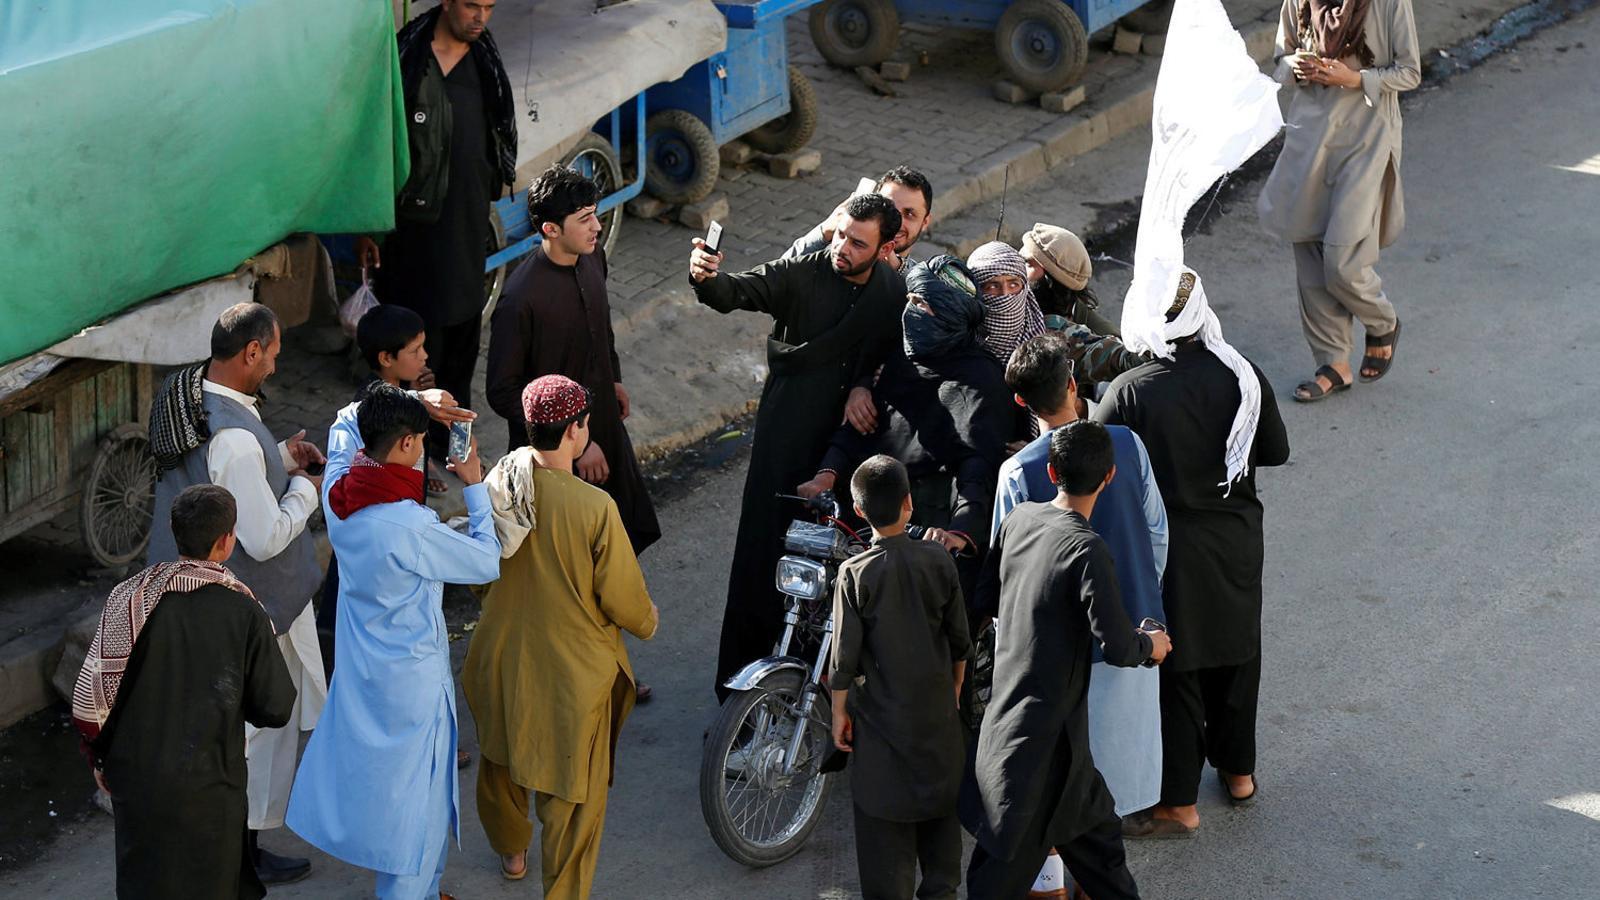 El govern afganès i els talibans alcen la bandera blanca